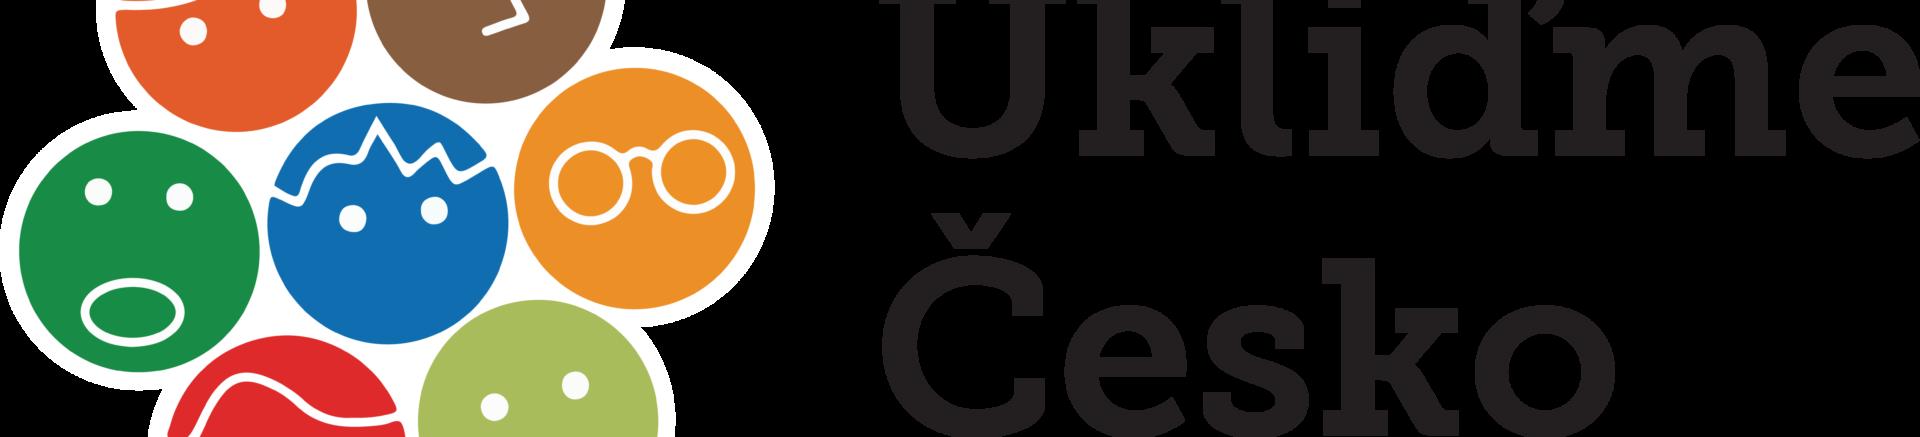 UklidmeCesko-logo-siroke-tisk